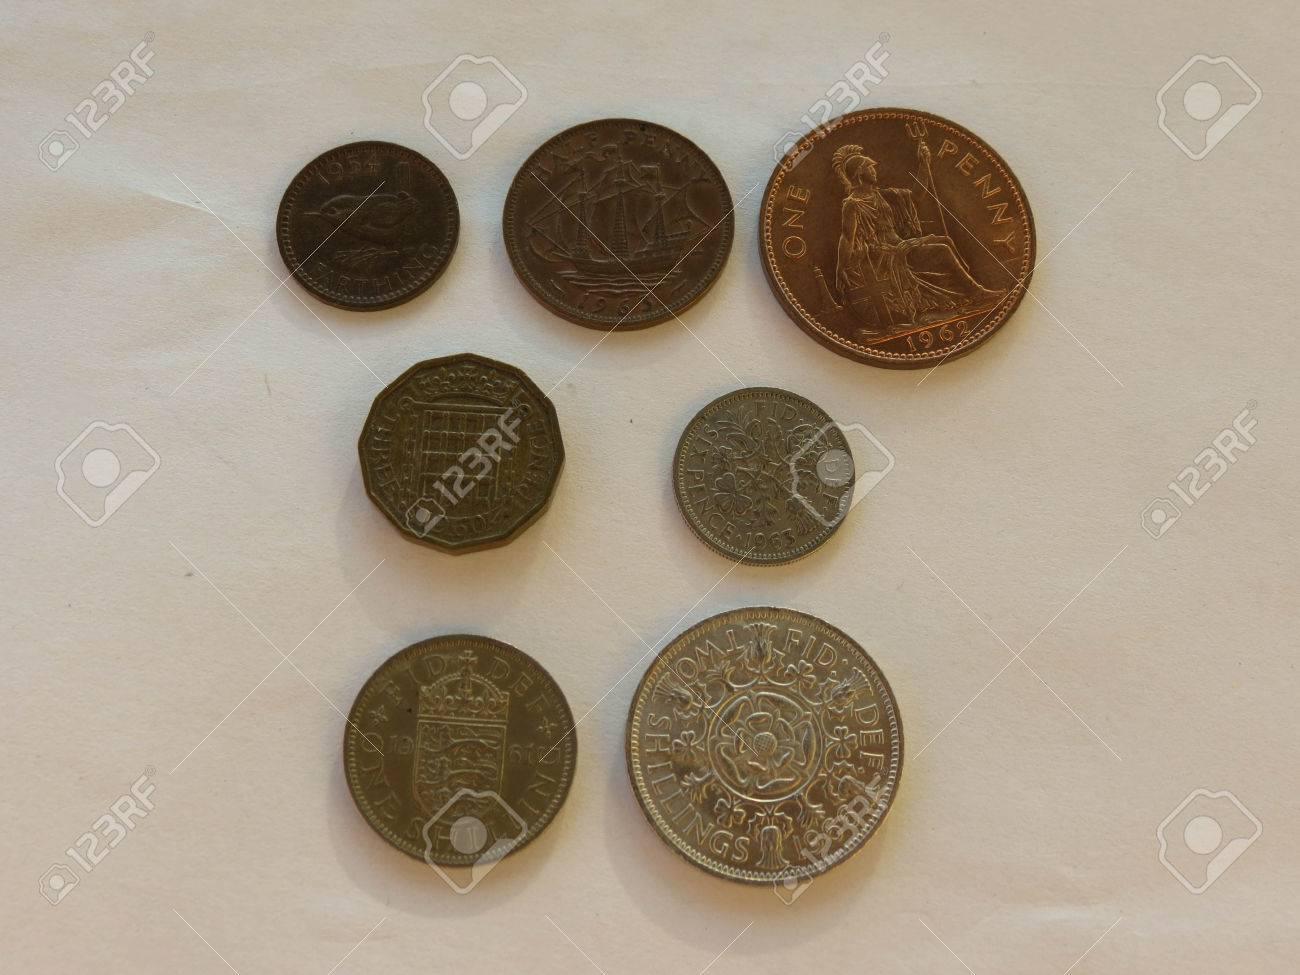 Pre Dezimal Gbp Britische Pfund Münzen Währung Des Vereinigten